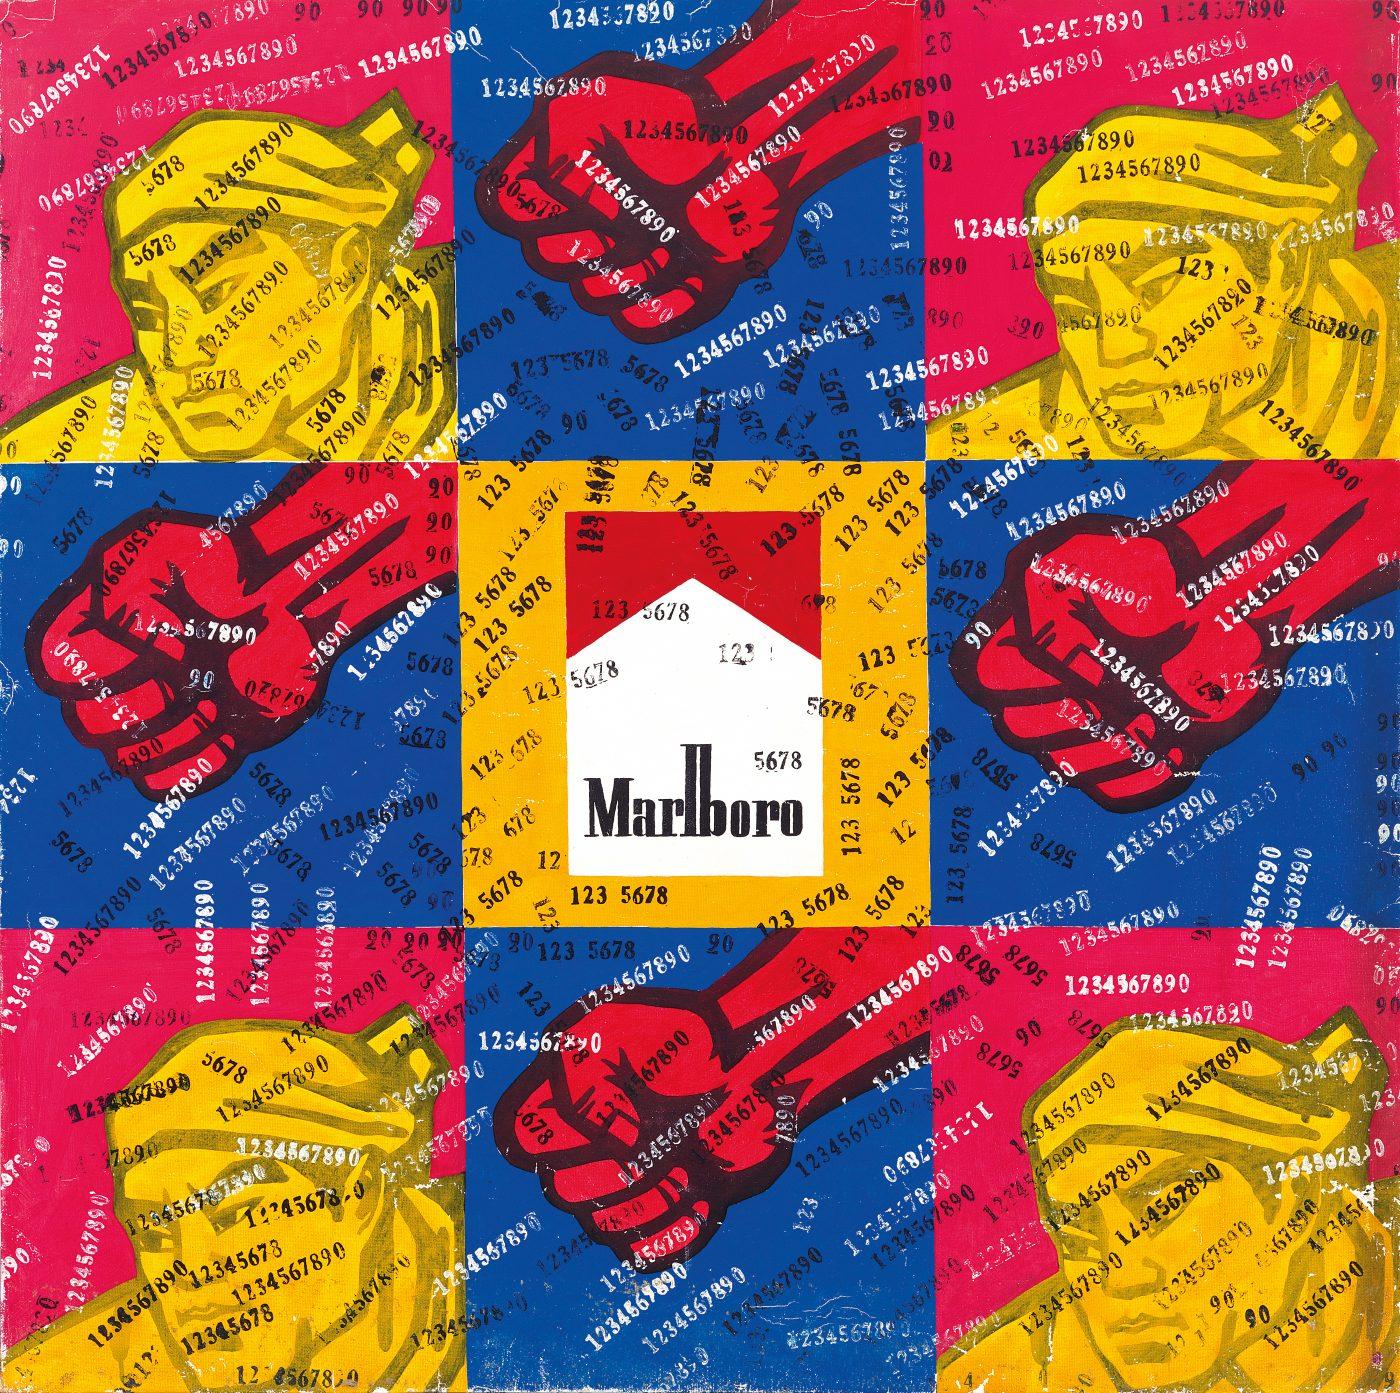 Marlboro, 1990, by Wang Guangyi